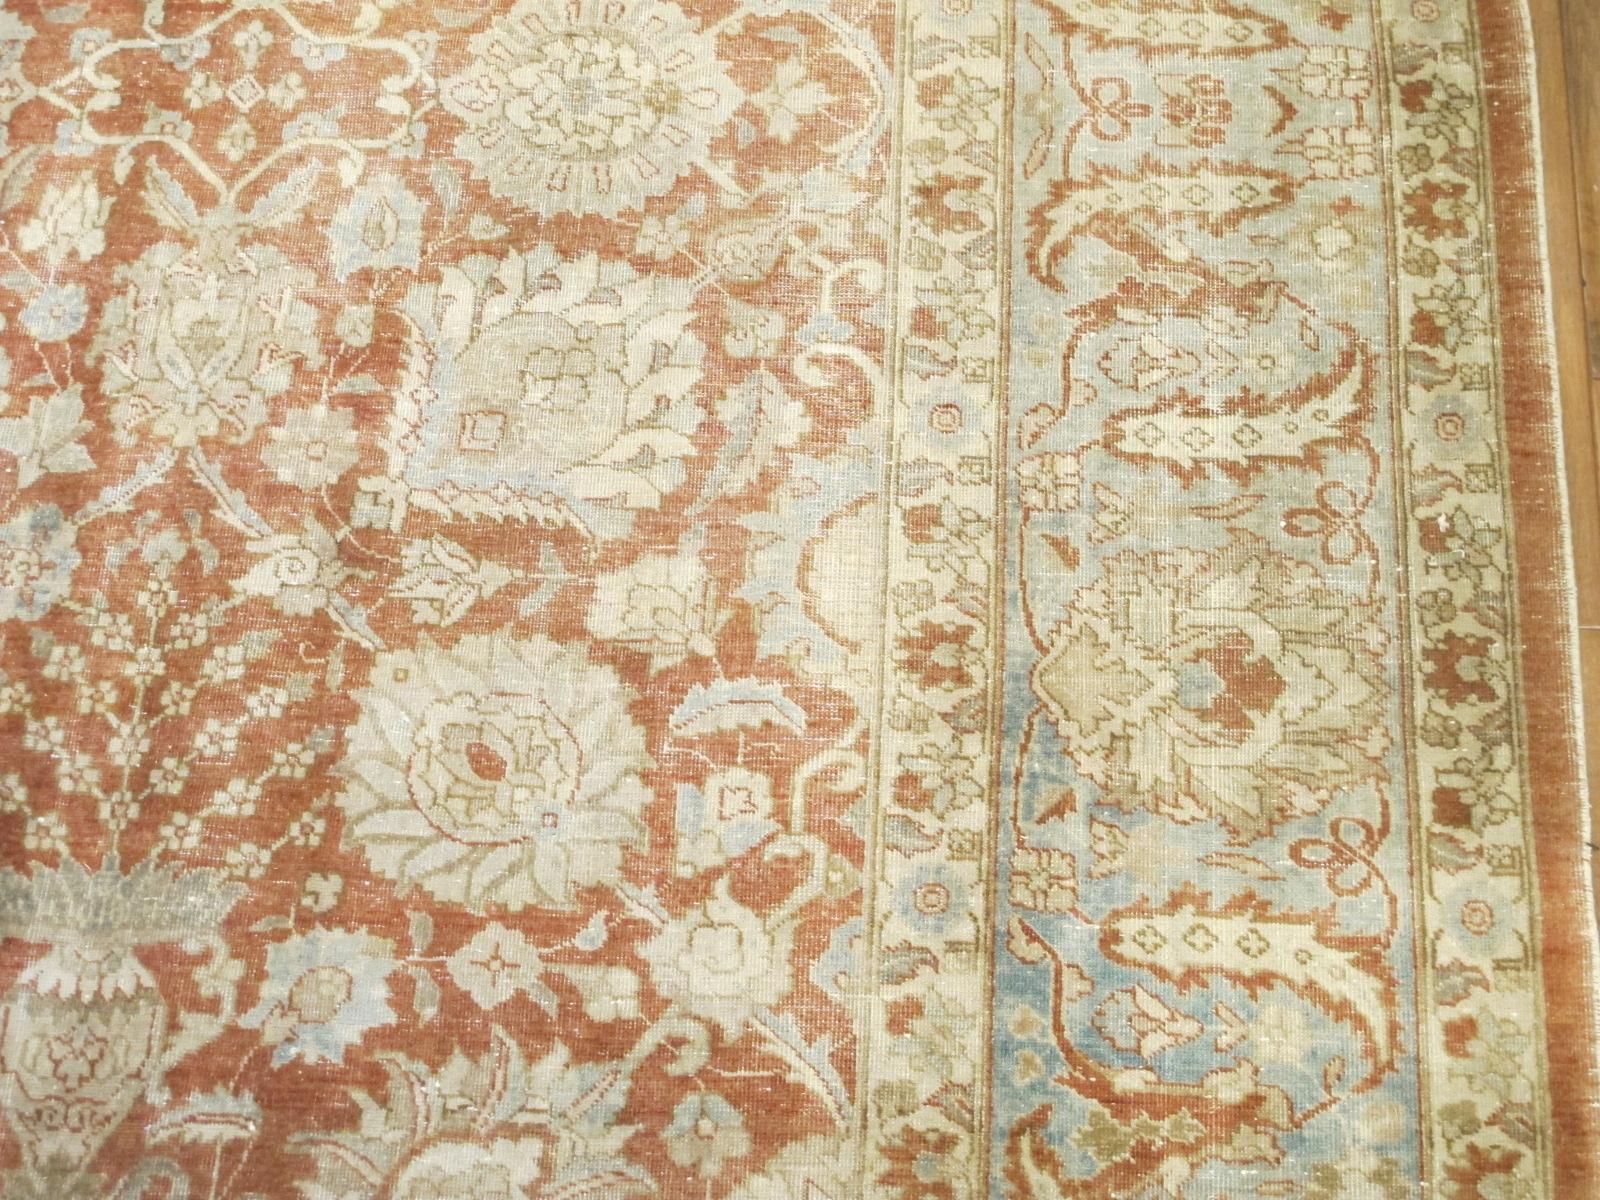 12509-persian-tabriz-rug-910x123-4